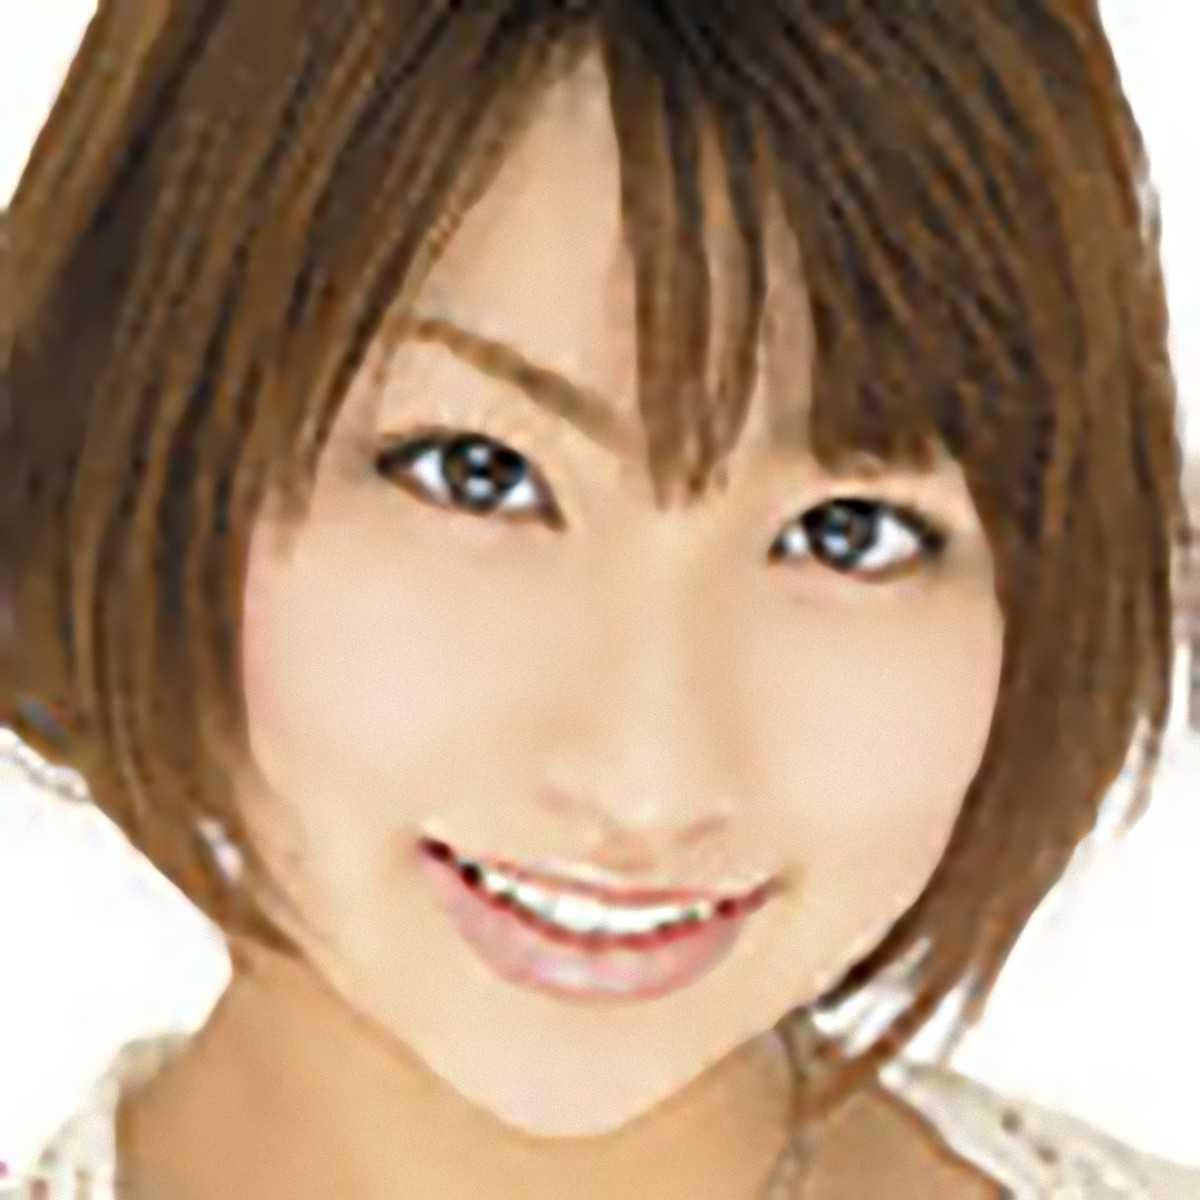 松井加奈さんのプロフィールと画像集8ページ目 | AV女優画像